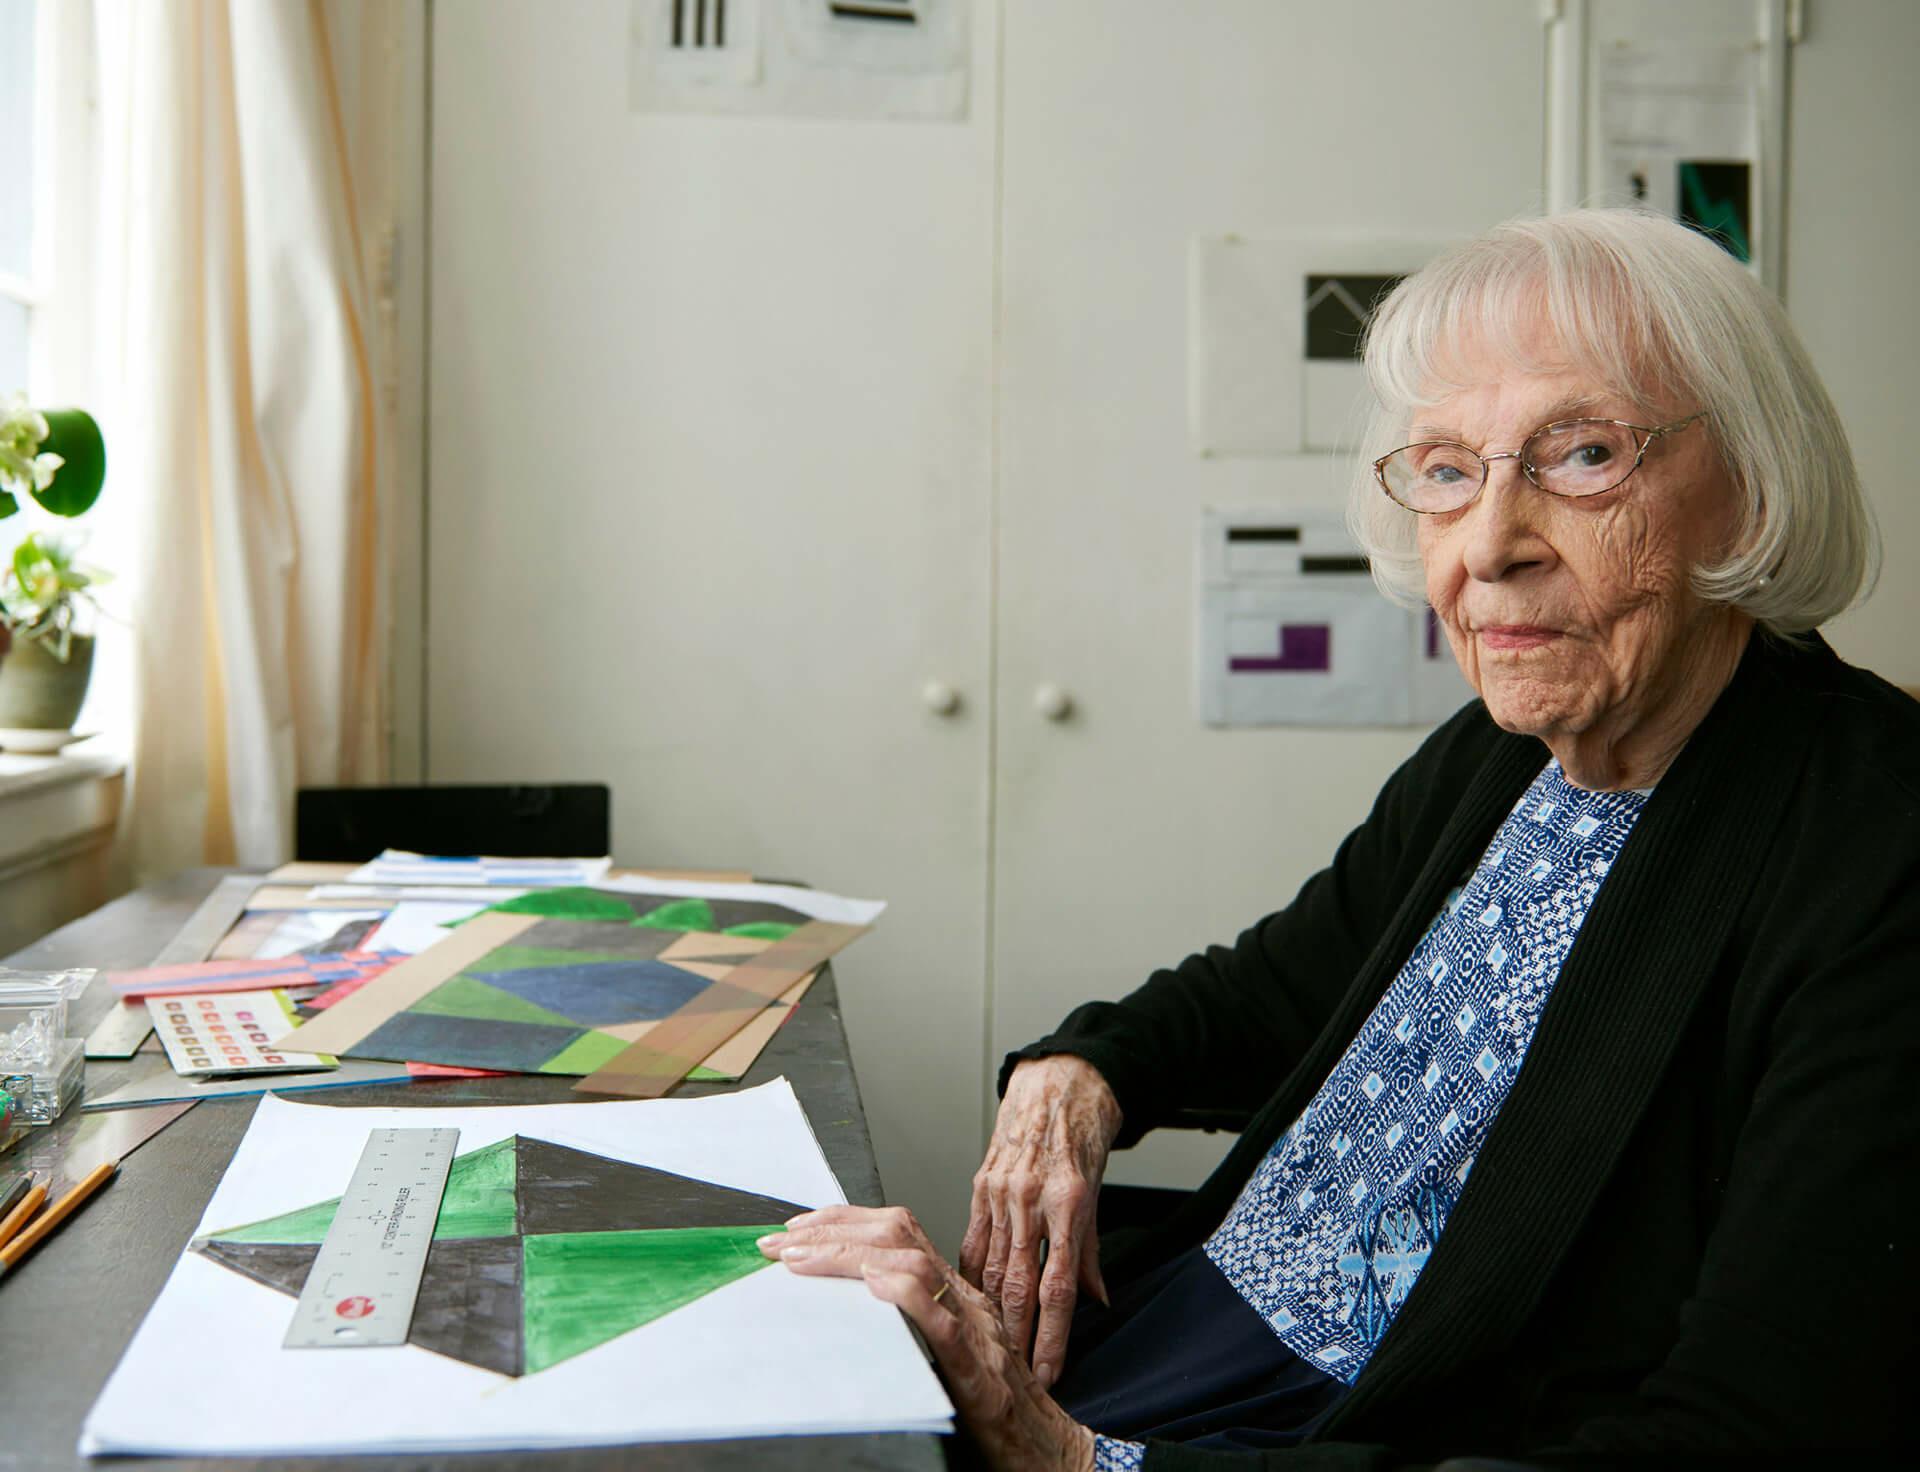 Carmen Herrera: 100 years